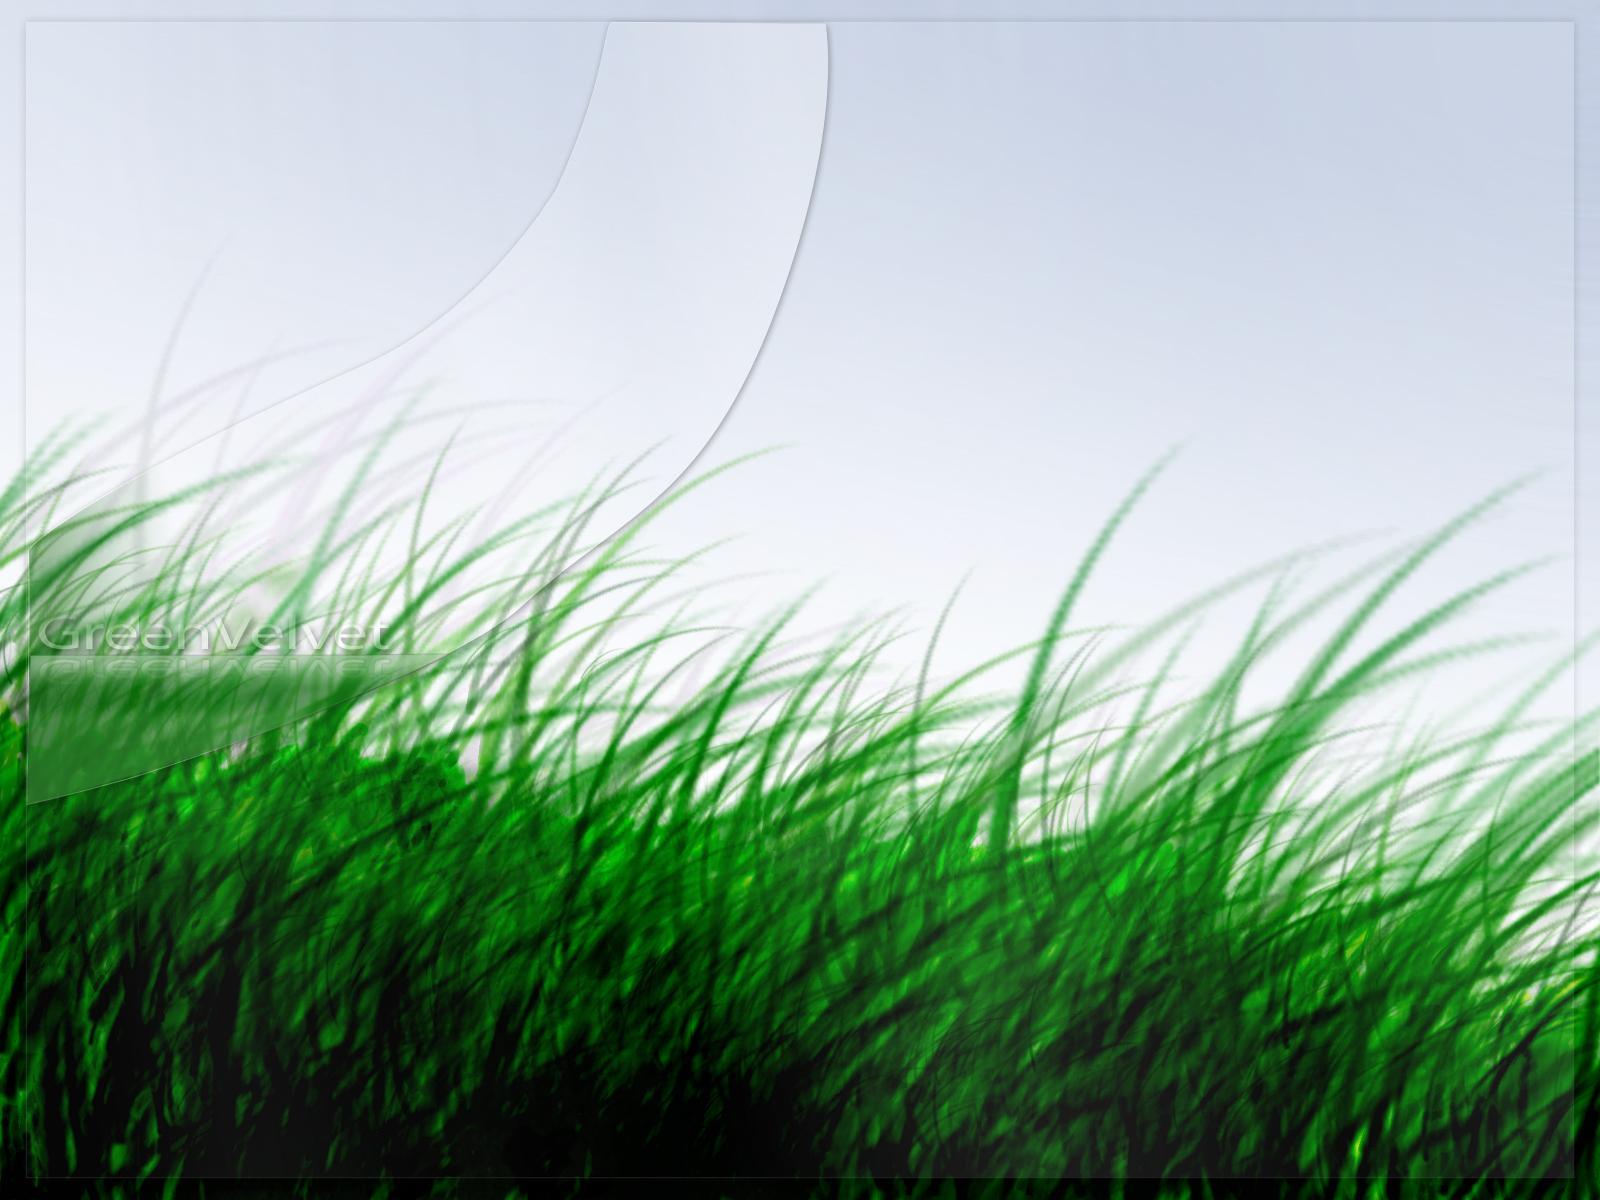 http://1.bp.blogspot.com/-nmUjABhqG2o/Ttxm3yhjJnI/AAAAAAAAAm4/u_XZm72C5MI/s1600/grass-wallpaper-8-703327.jpg